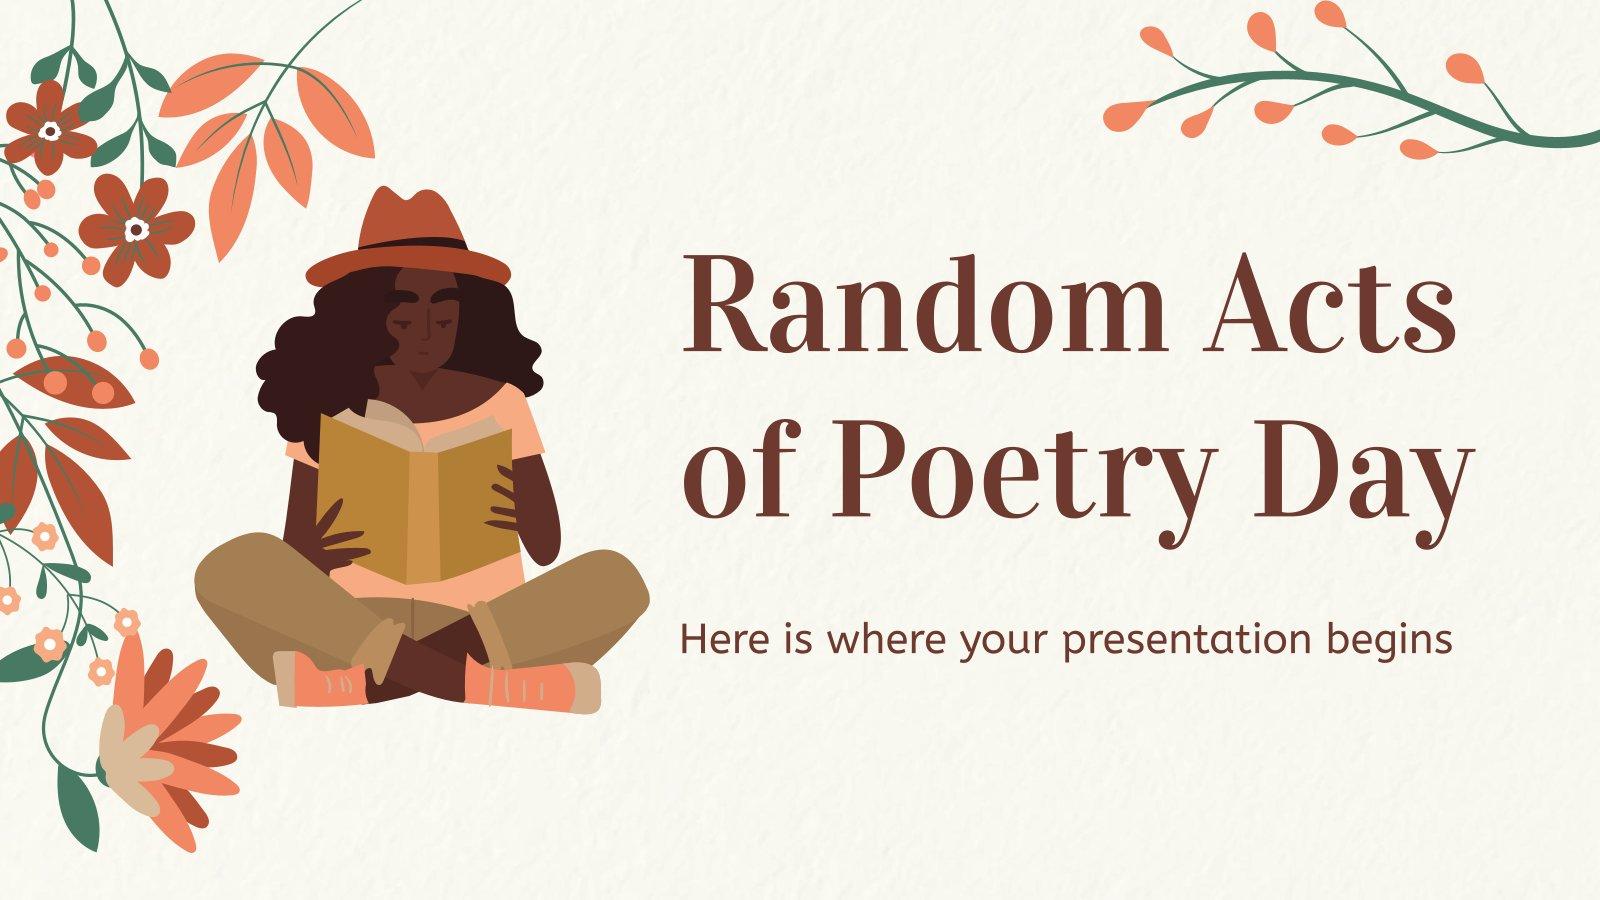 Plantilla de presentación Día de los Actos Aleatorios de Poesía